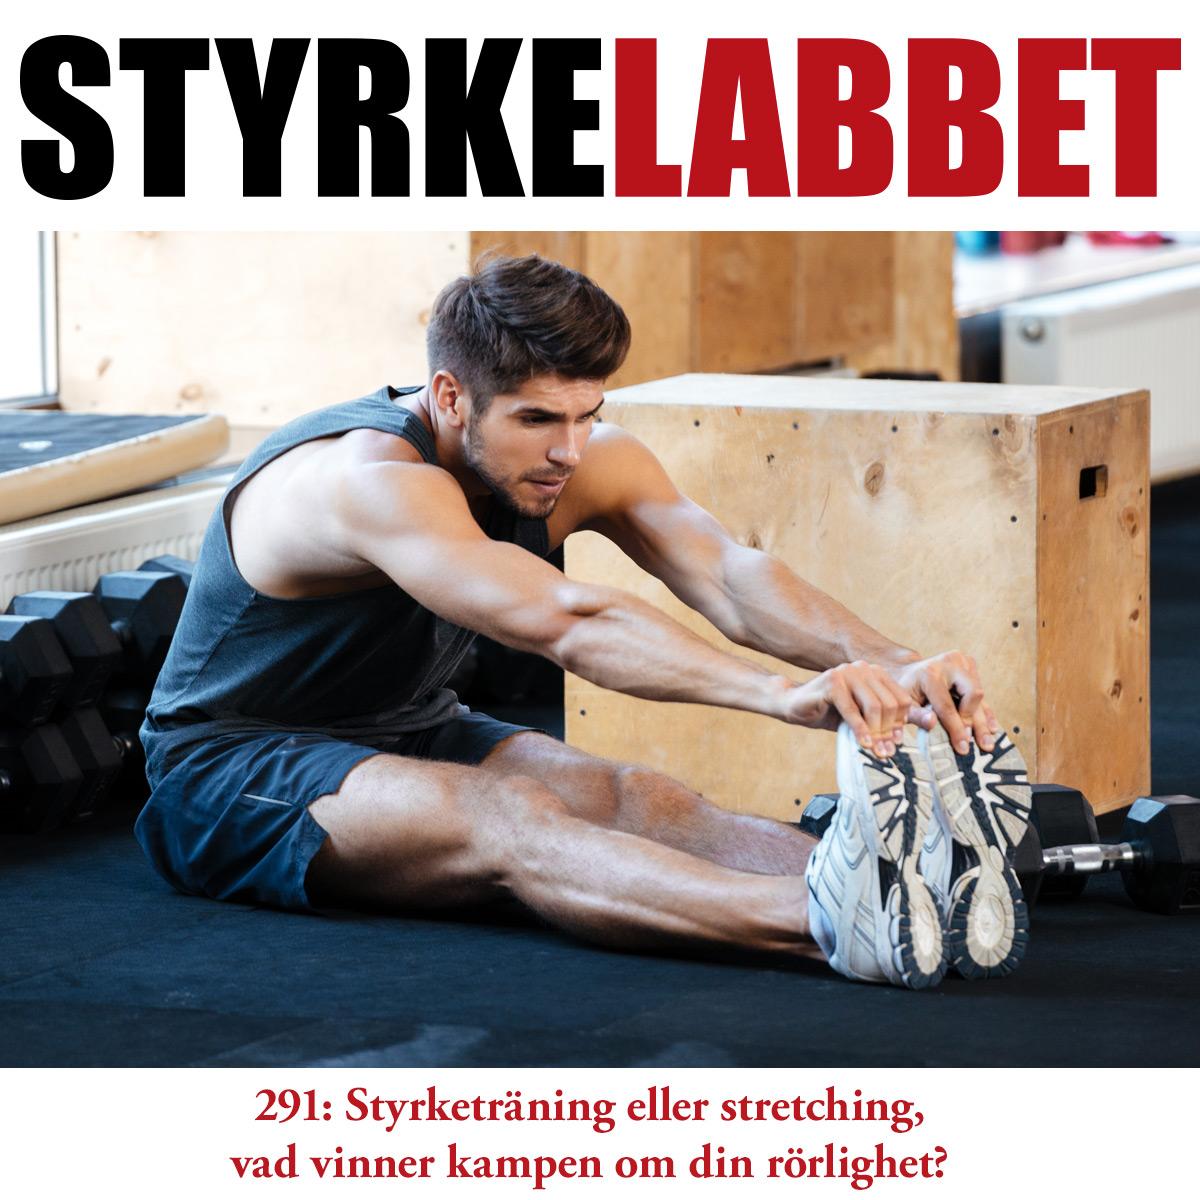 Styrkelabbet avsnitt 291: Styrketräning eller stretching, vad vinner kampen om din rörlighet?